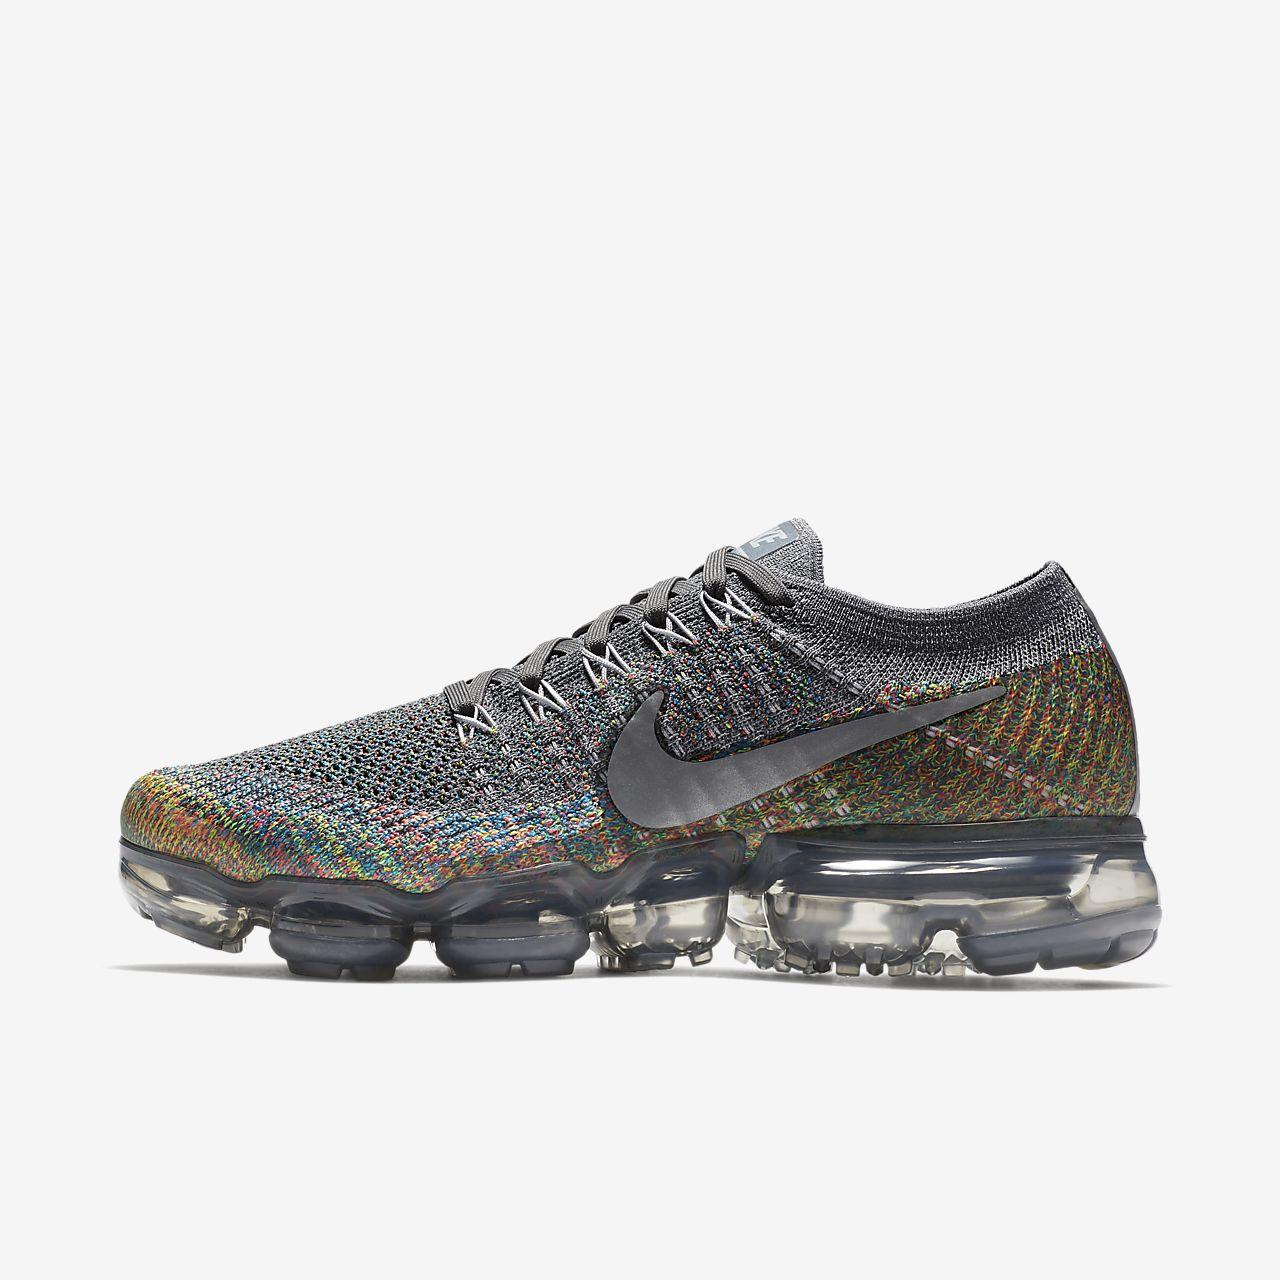 9c419651a4 ... official store nike air vapormax flyknit womens running shoe 3792a 397b8